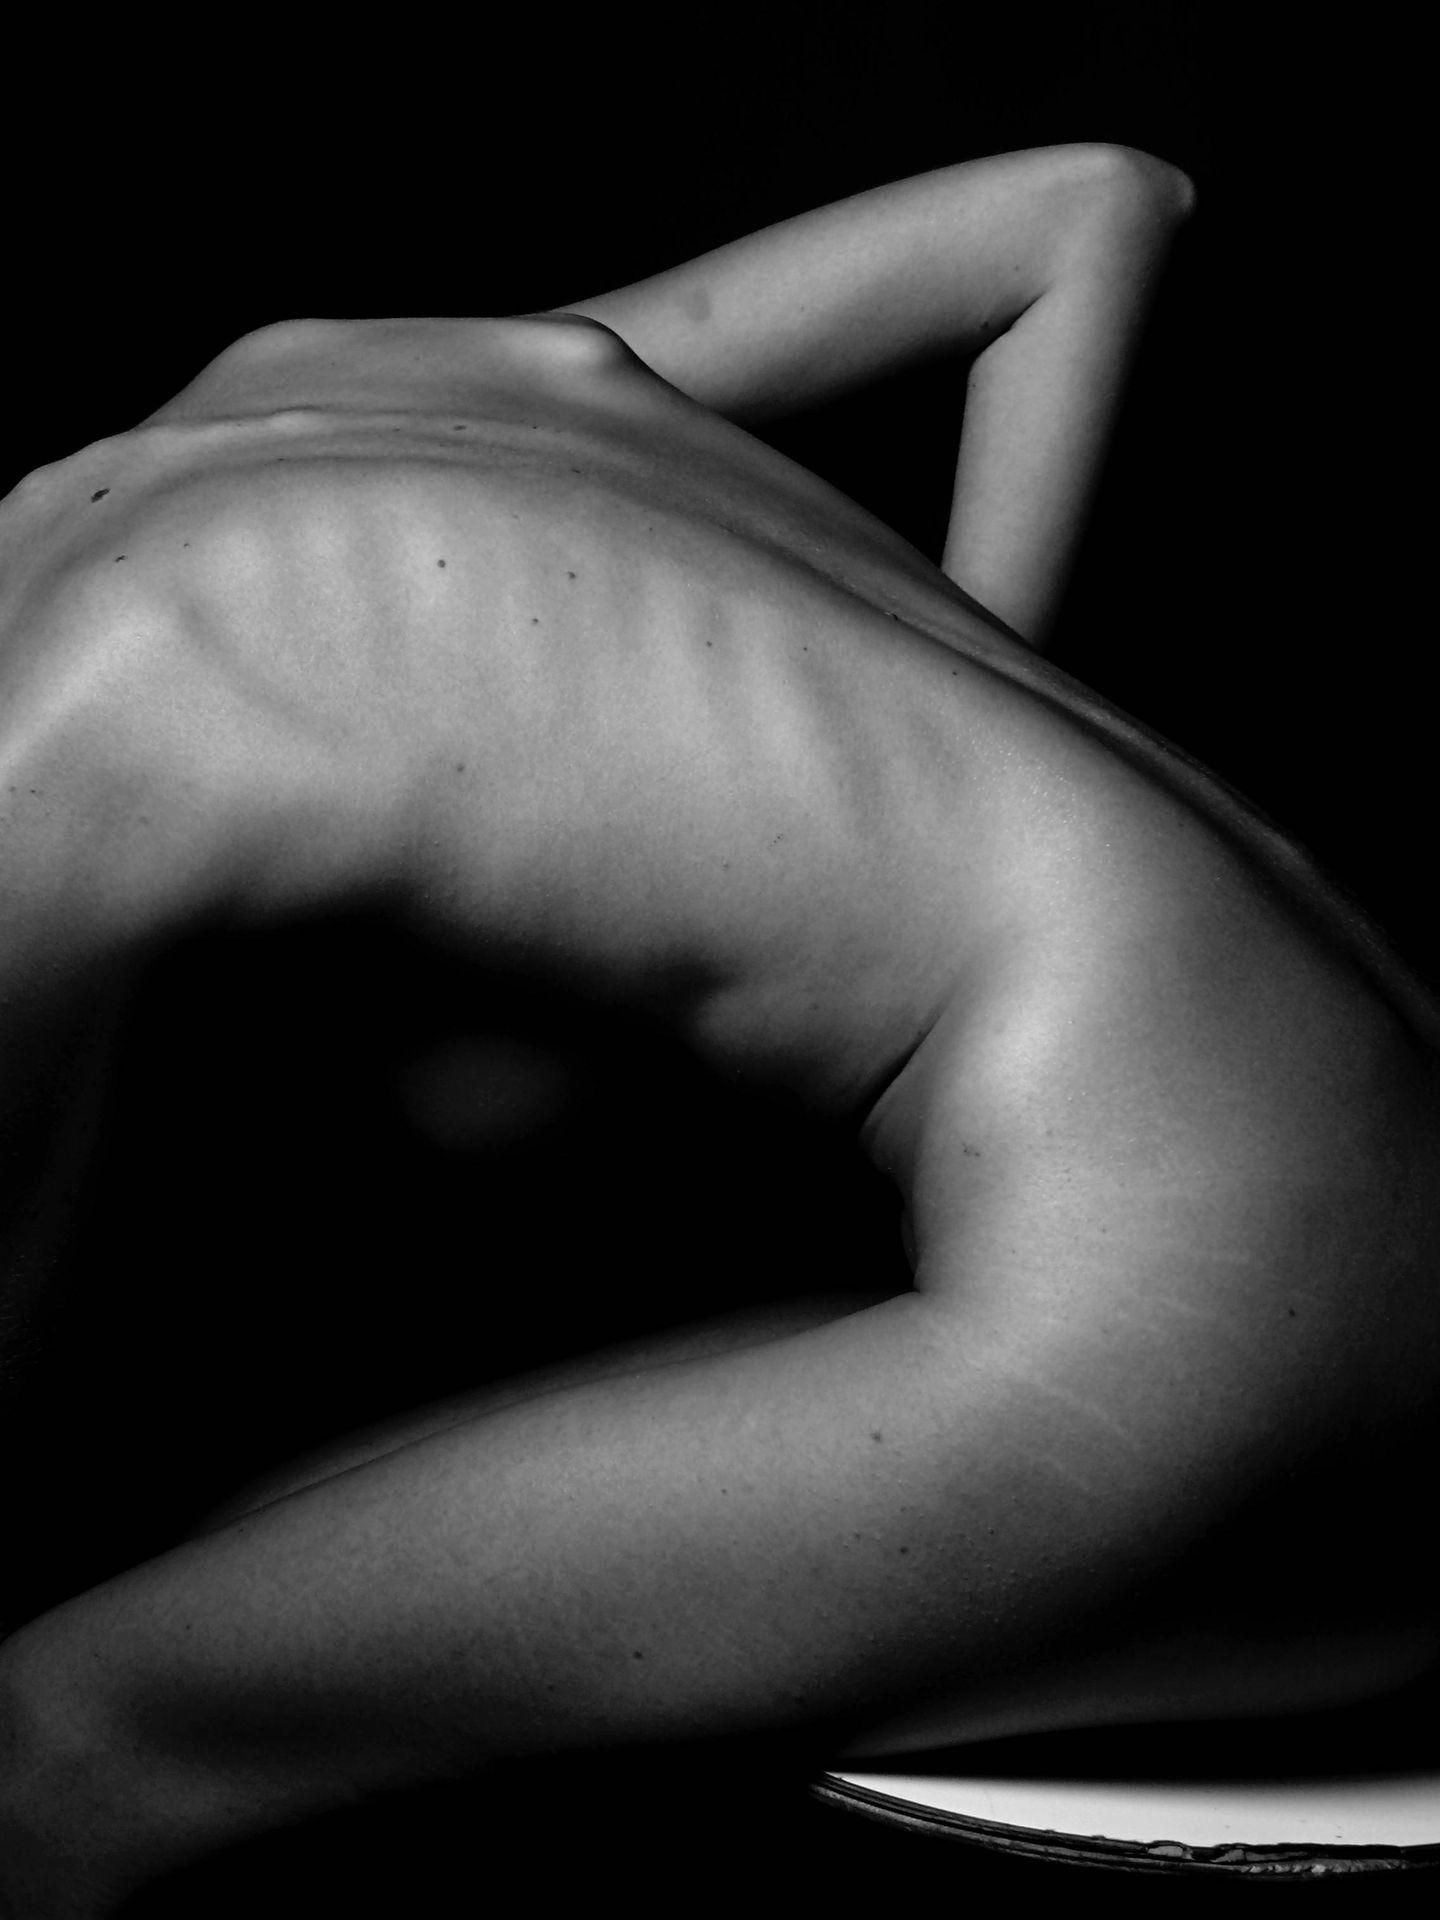 Las cremas hidratantes corporales deben adaptarse a nuestro tipo de piel.  (Unsplash)